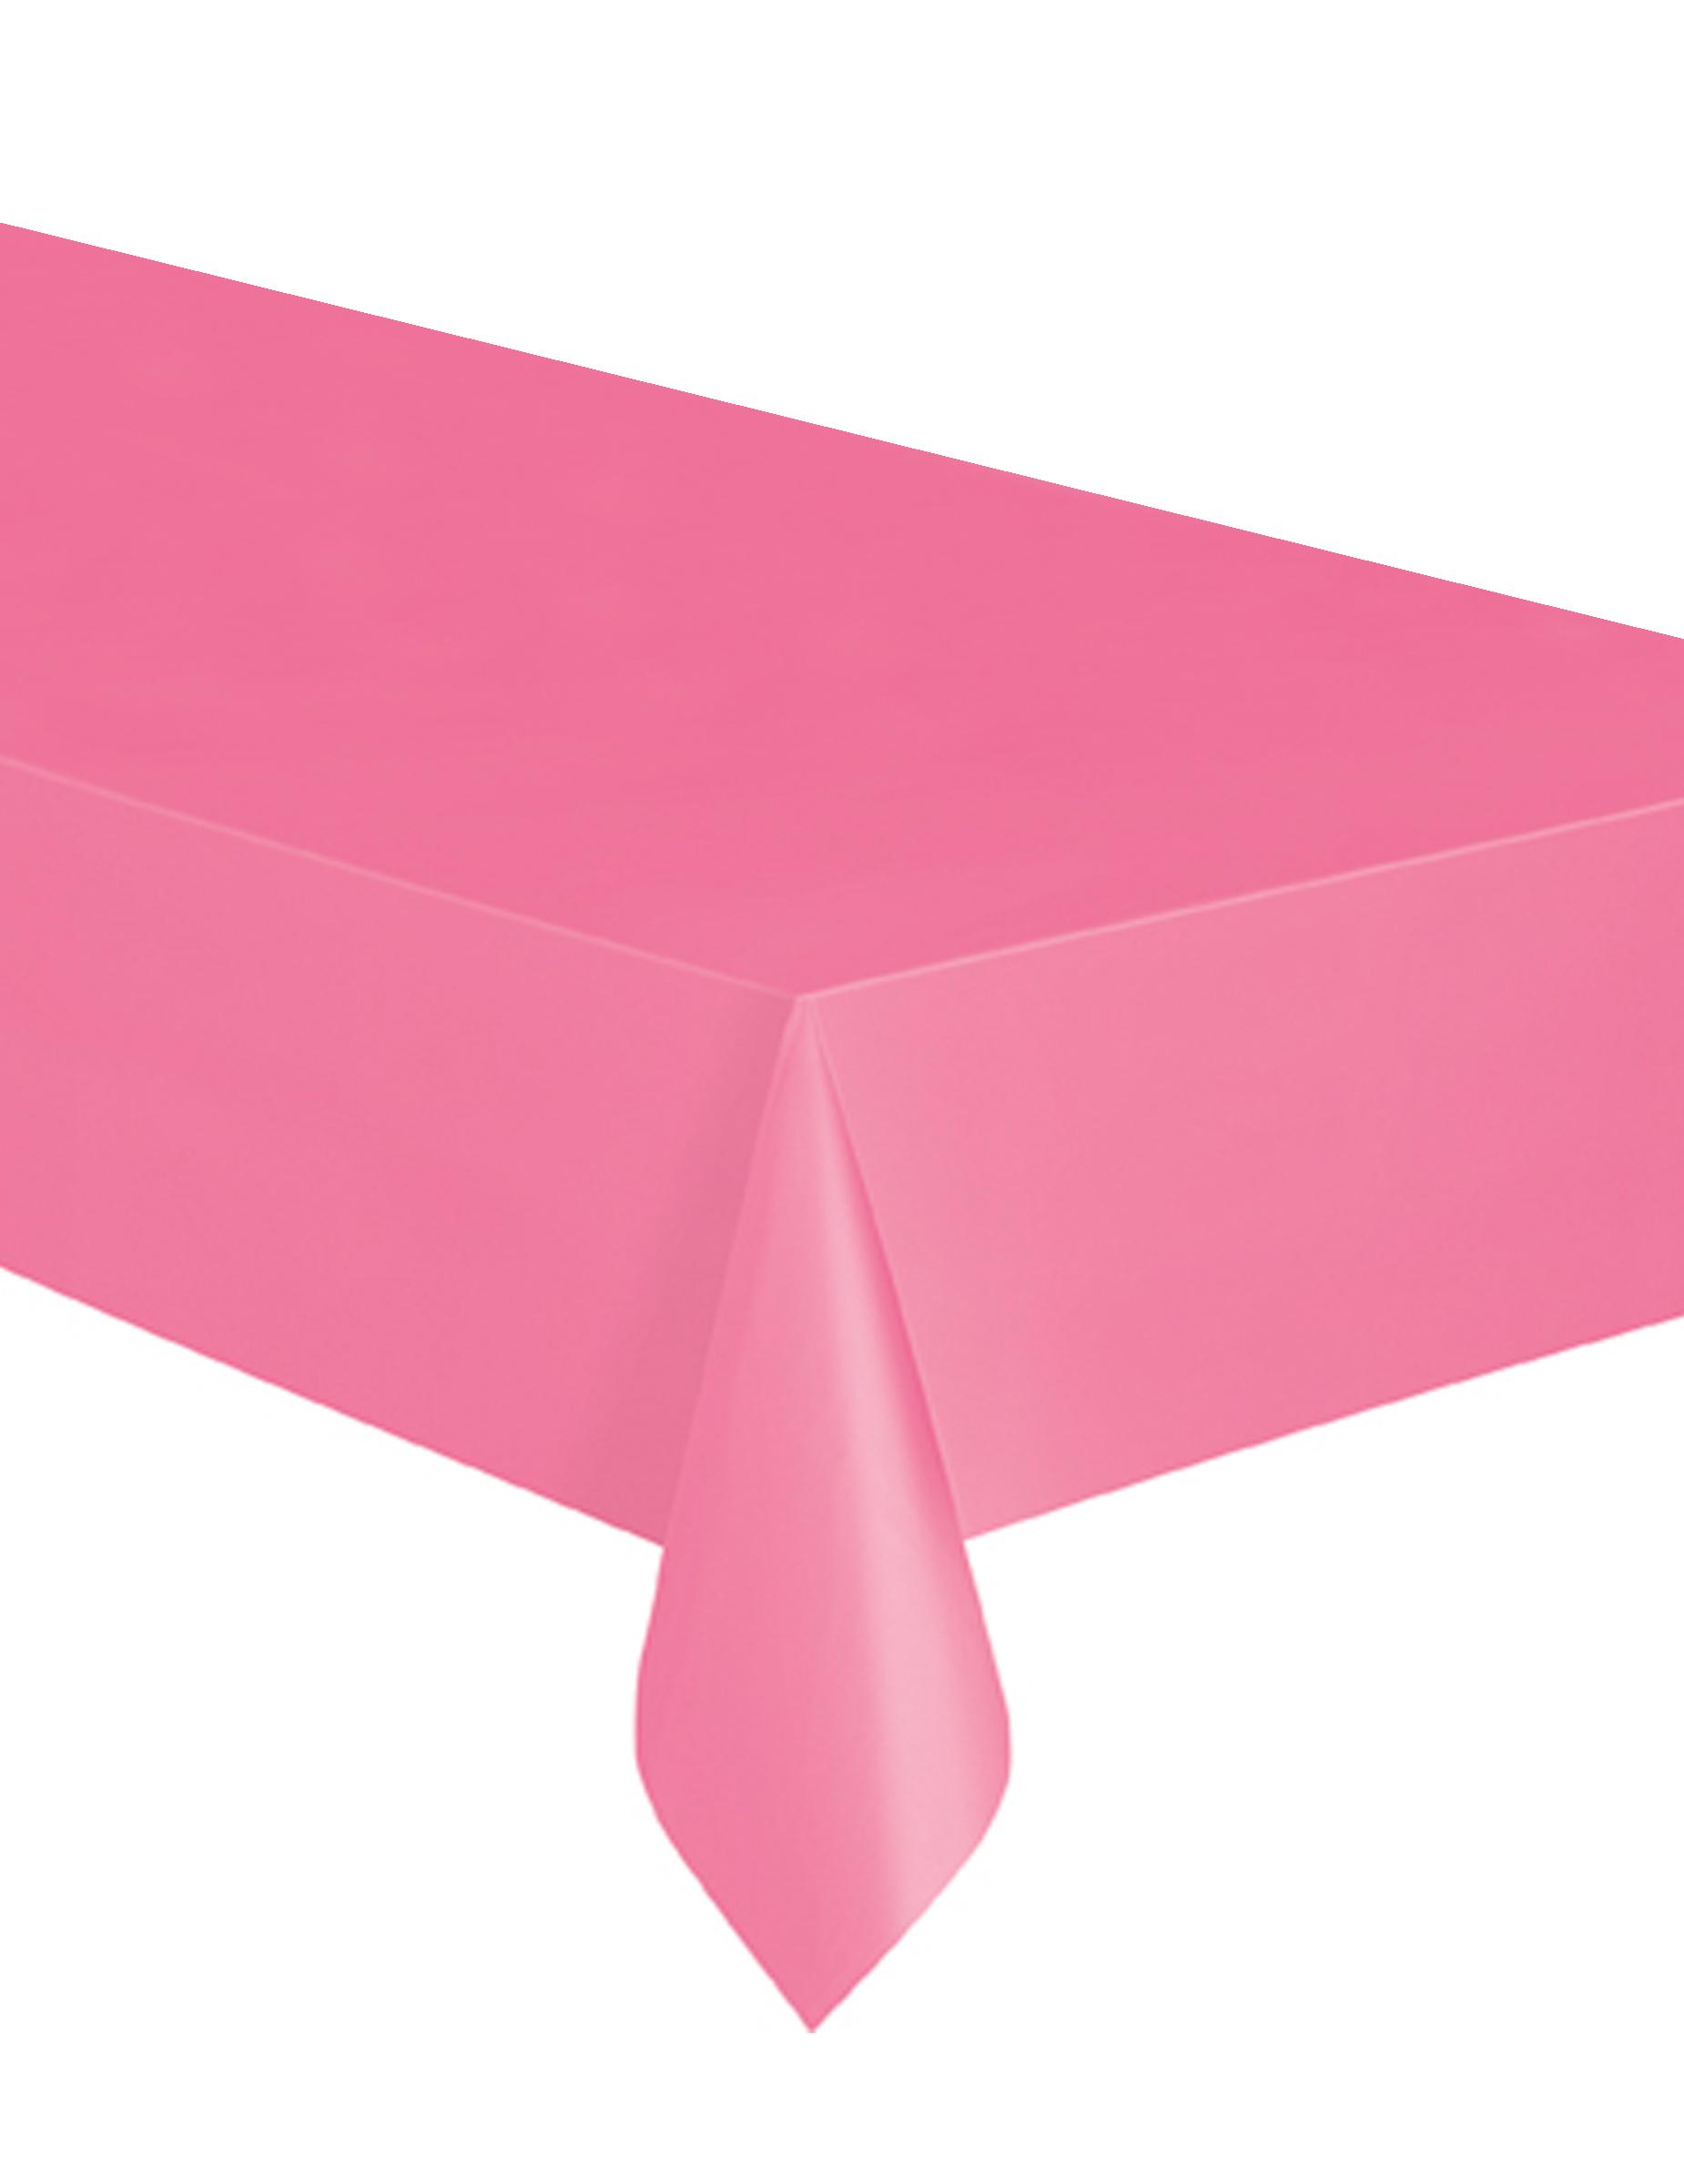 Mantel rectangular rosa pl stico decoraci n y disfraces originales baratos vegaoo - Mantel plastico ...